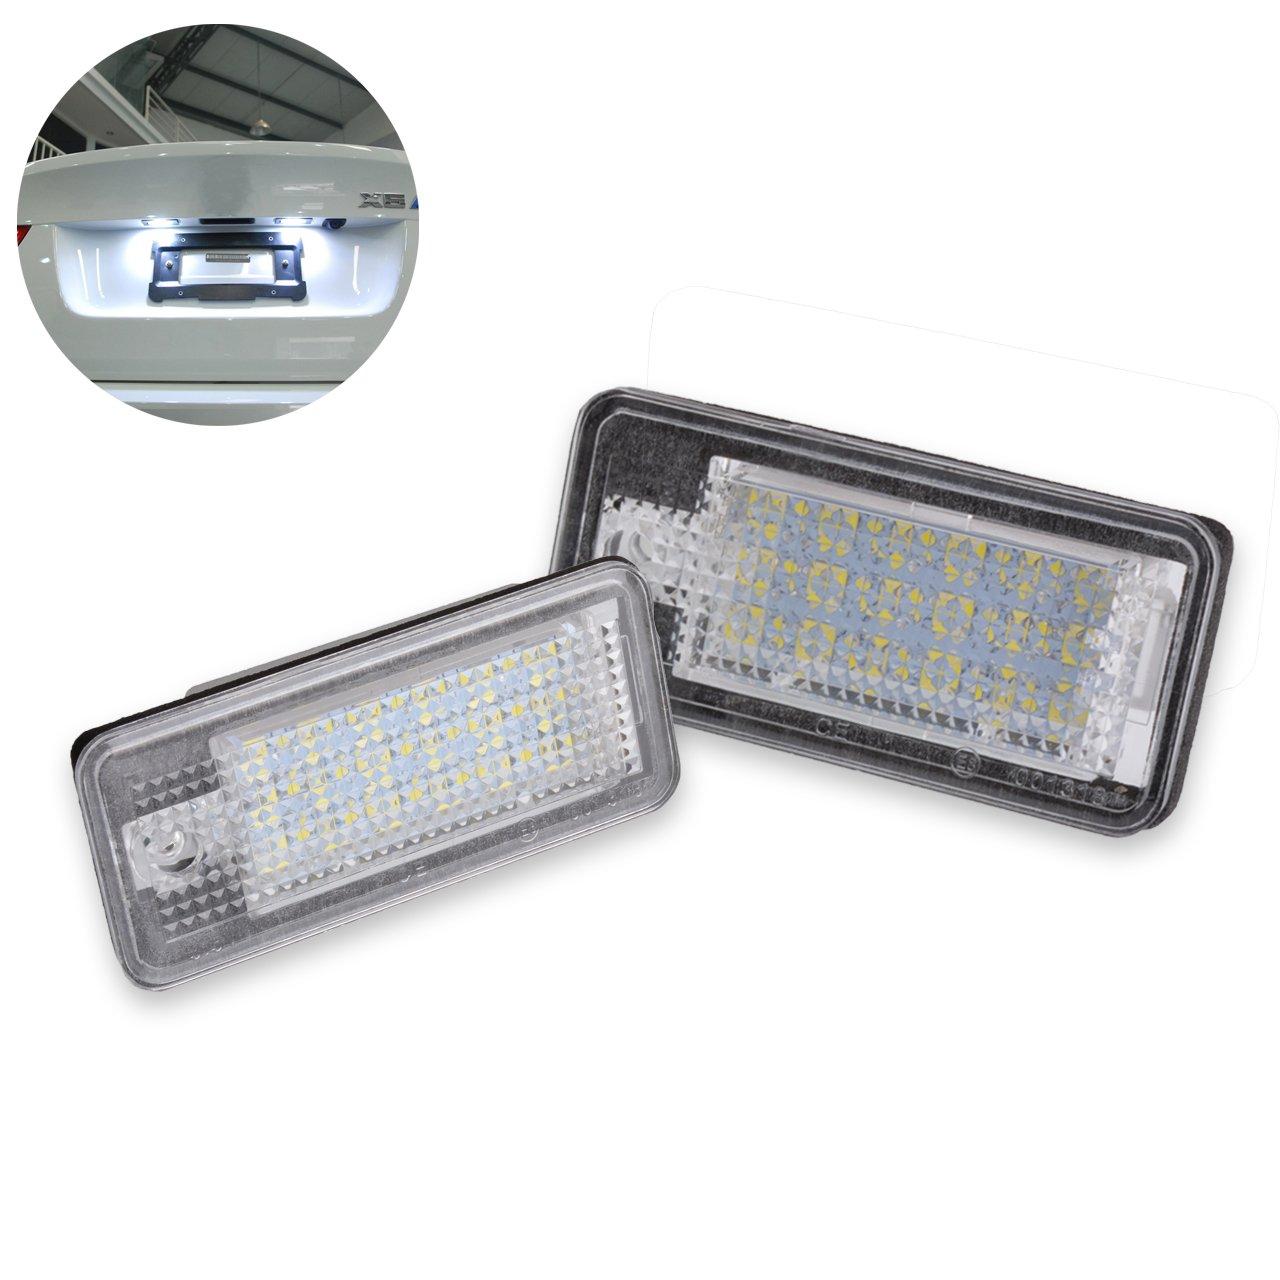 confezione da 2 Ngcat 3528 24 SMD LED Lampadina no Canbus errore numero di targa luce lampade Canbus